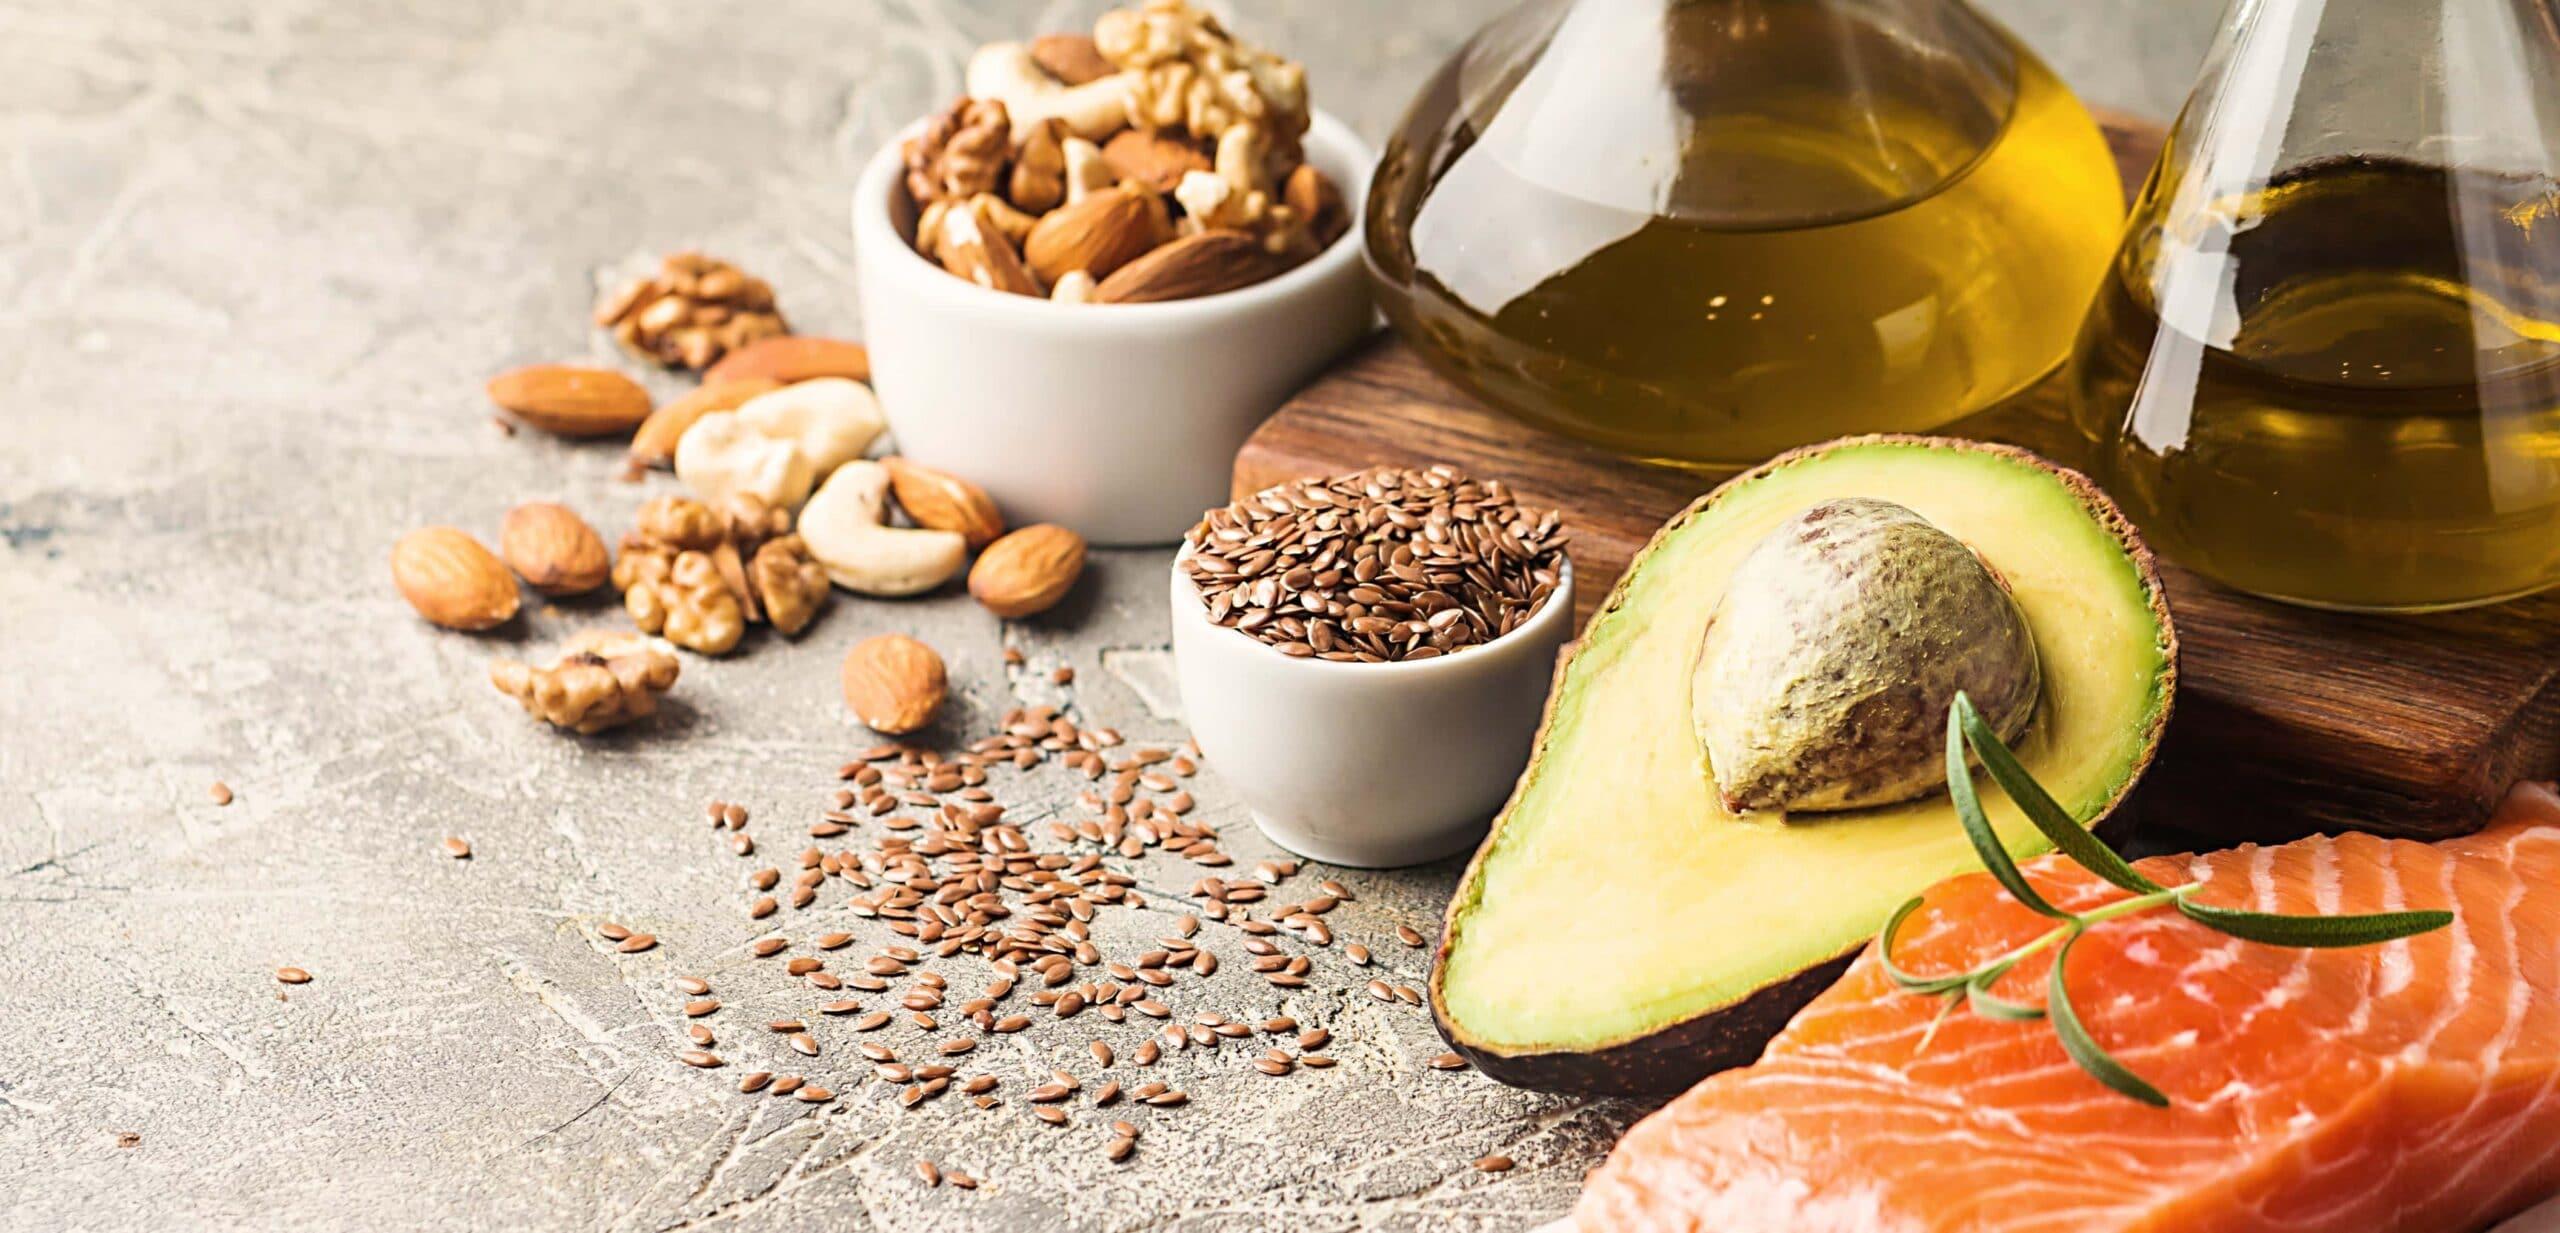 dieta ipolipidica cosa mangiare per dimagrire